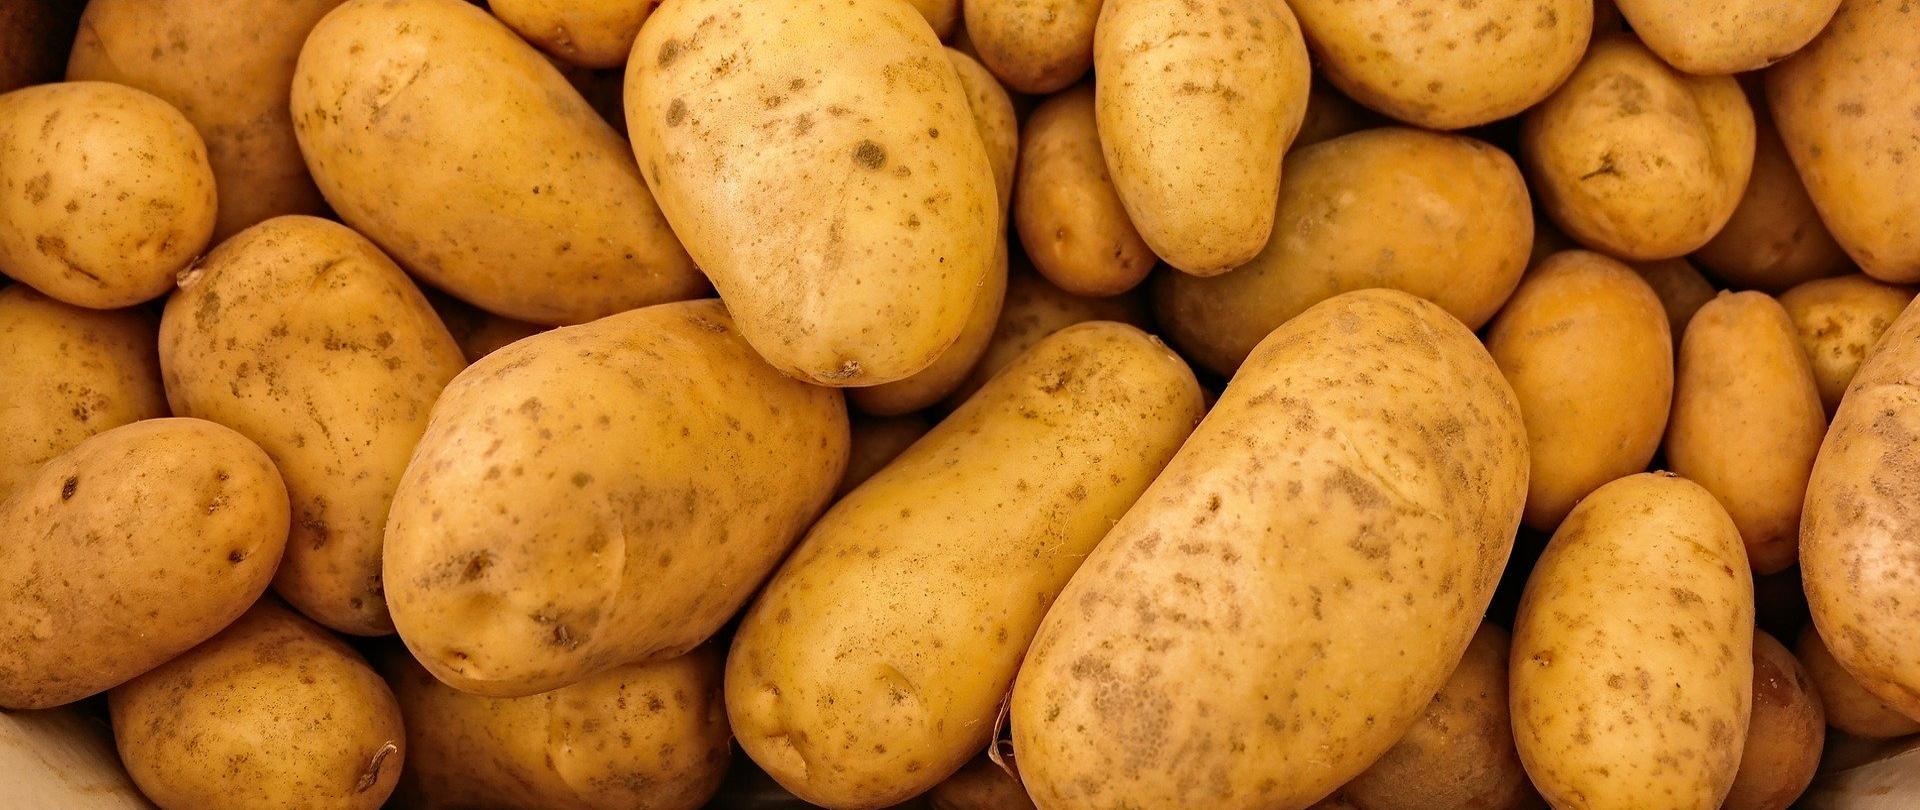 Jakość handlowa ziemniaków